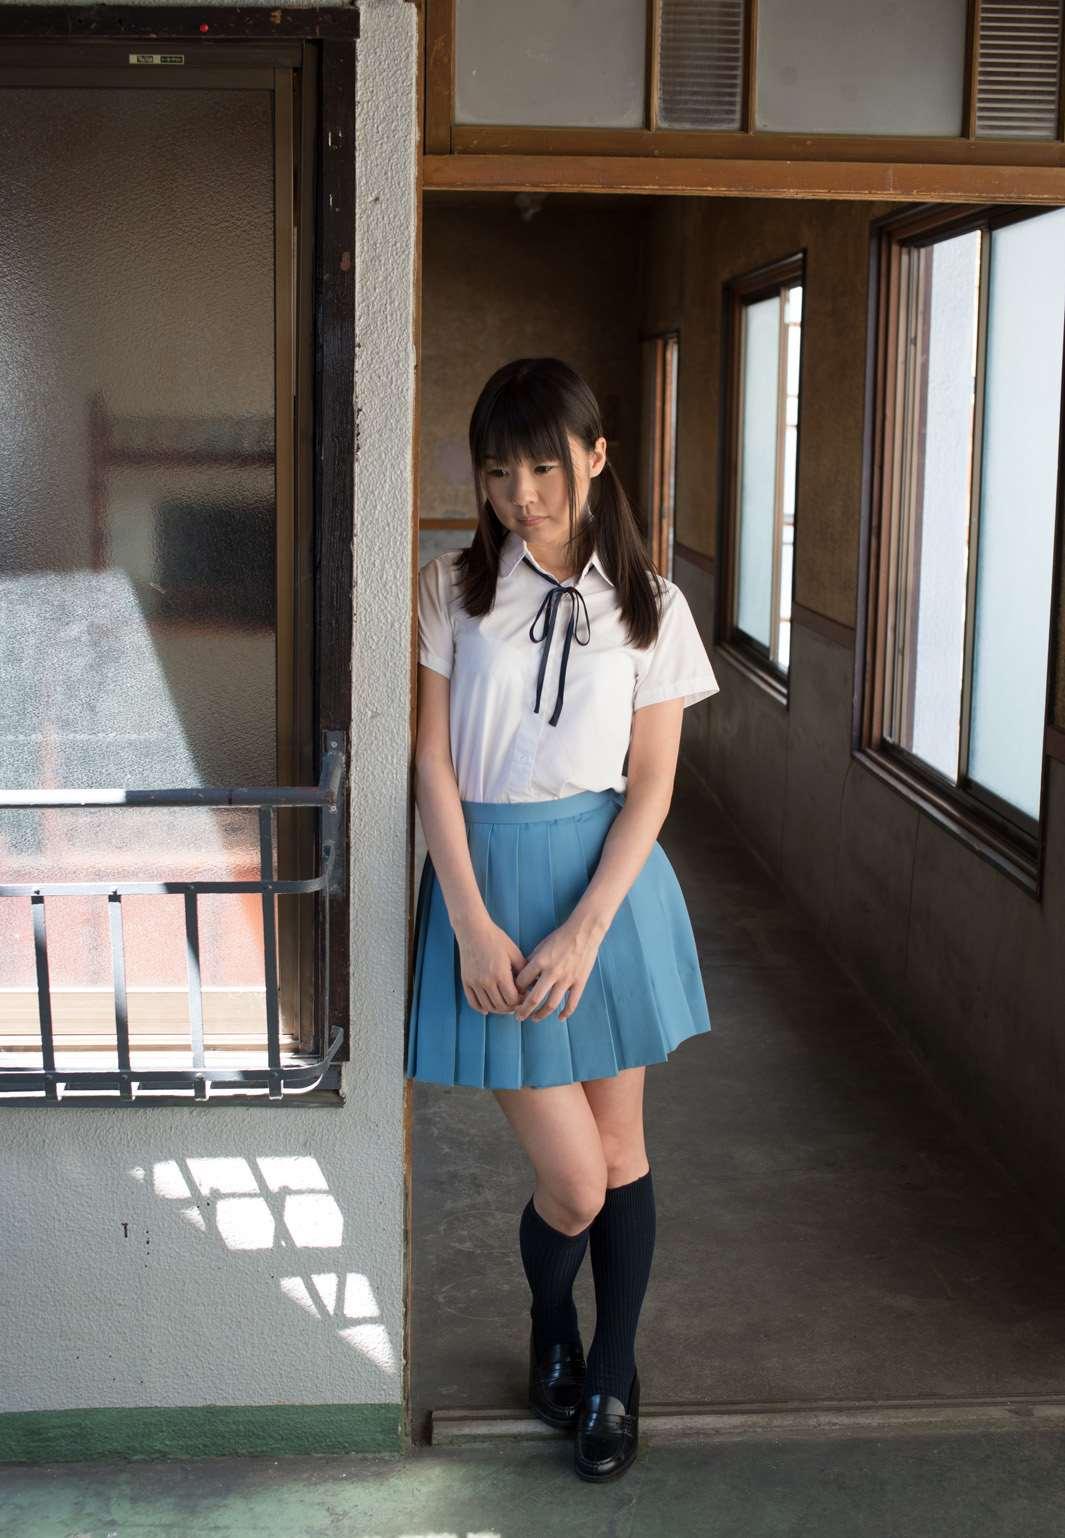 つぼみ (AV女優) ヌード画像 53